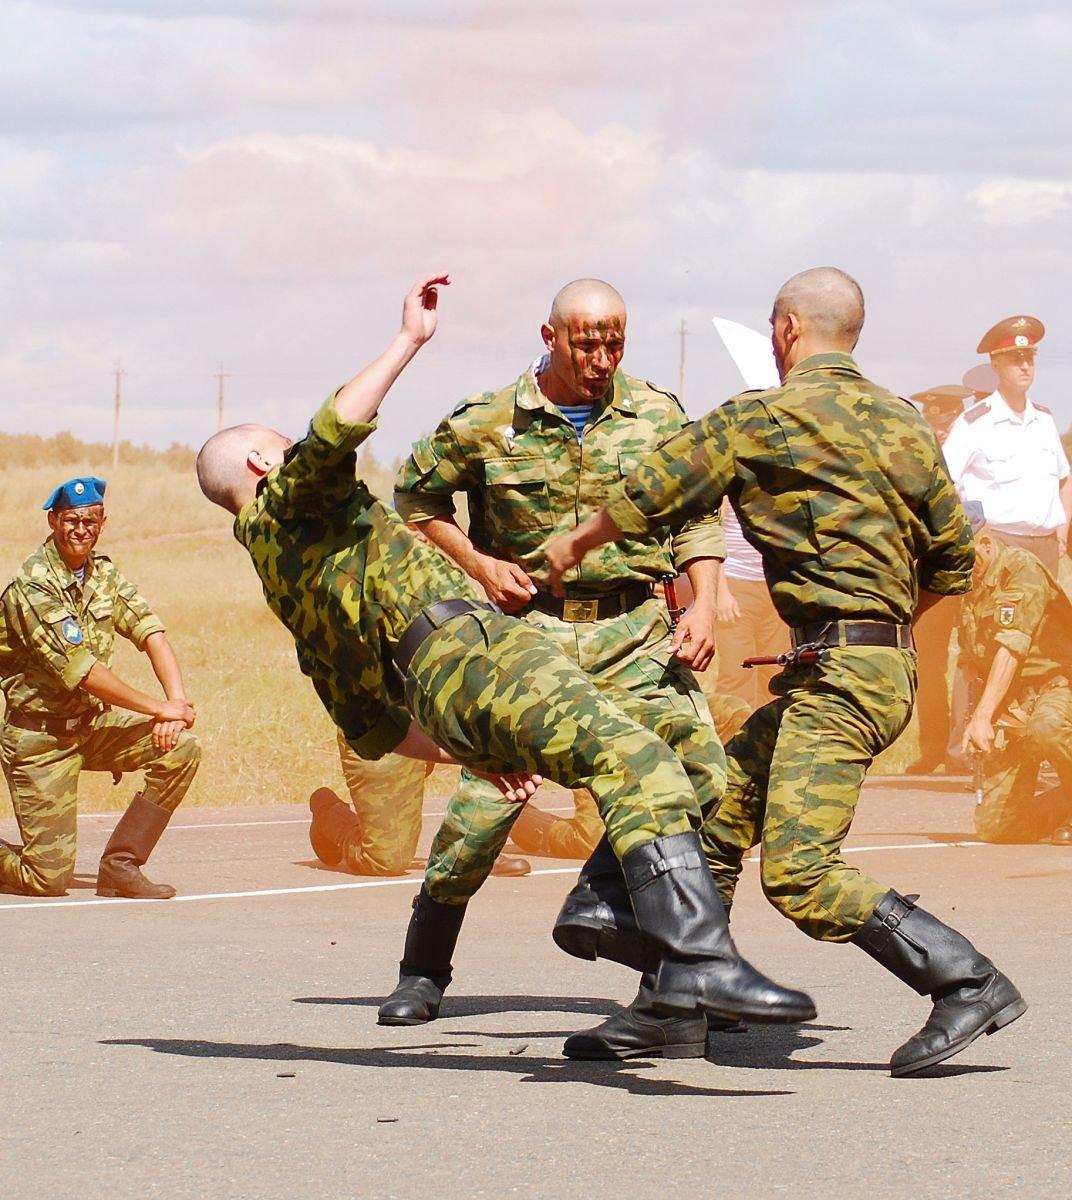 russkiy-muzha-boevie-priemi-borbi-vdv-podrugi-baluyutsya-lesbi